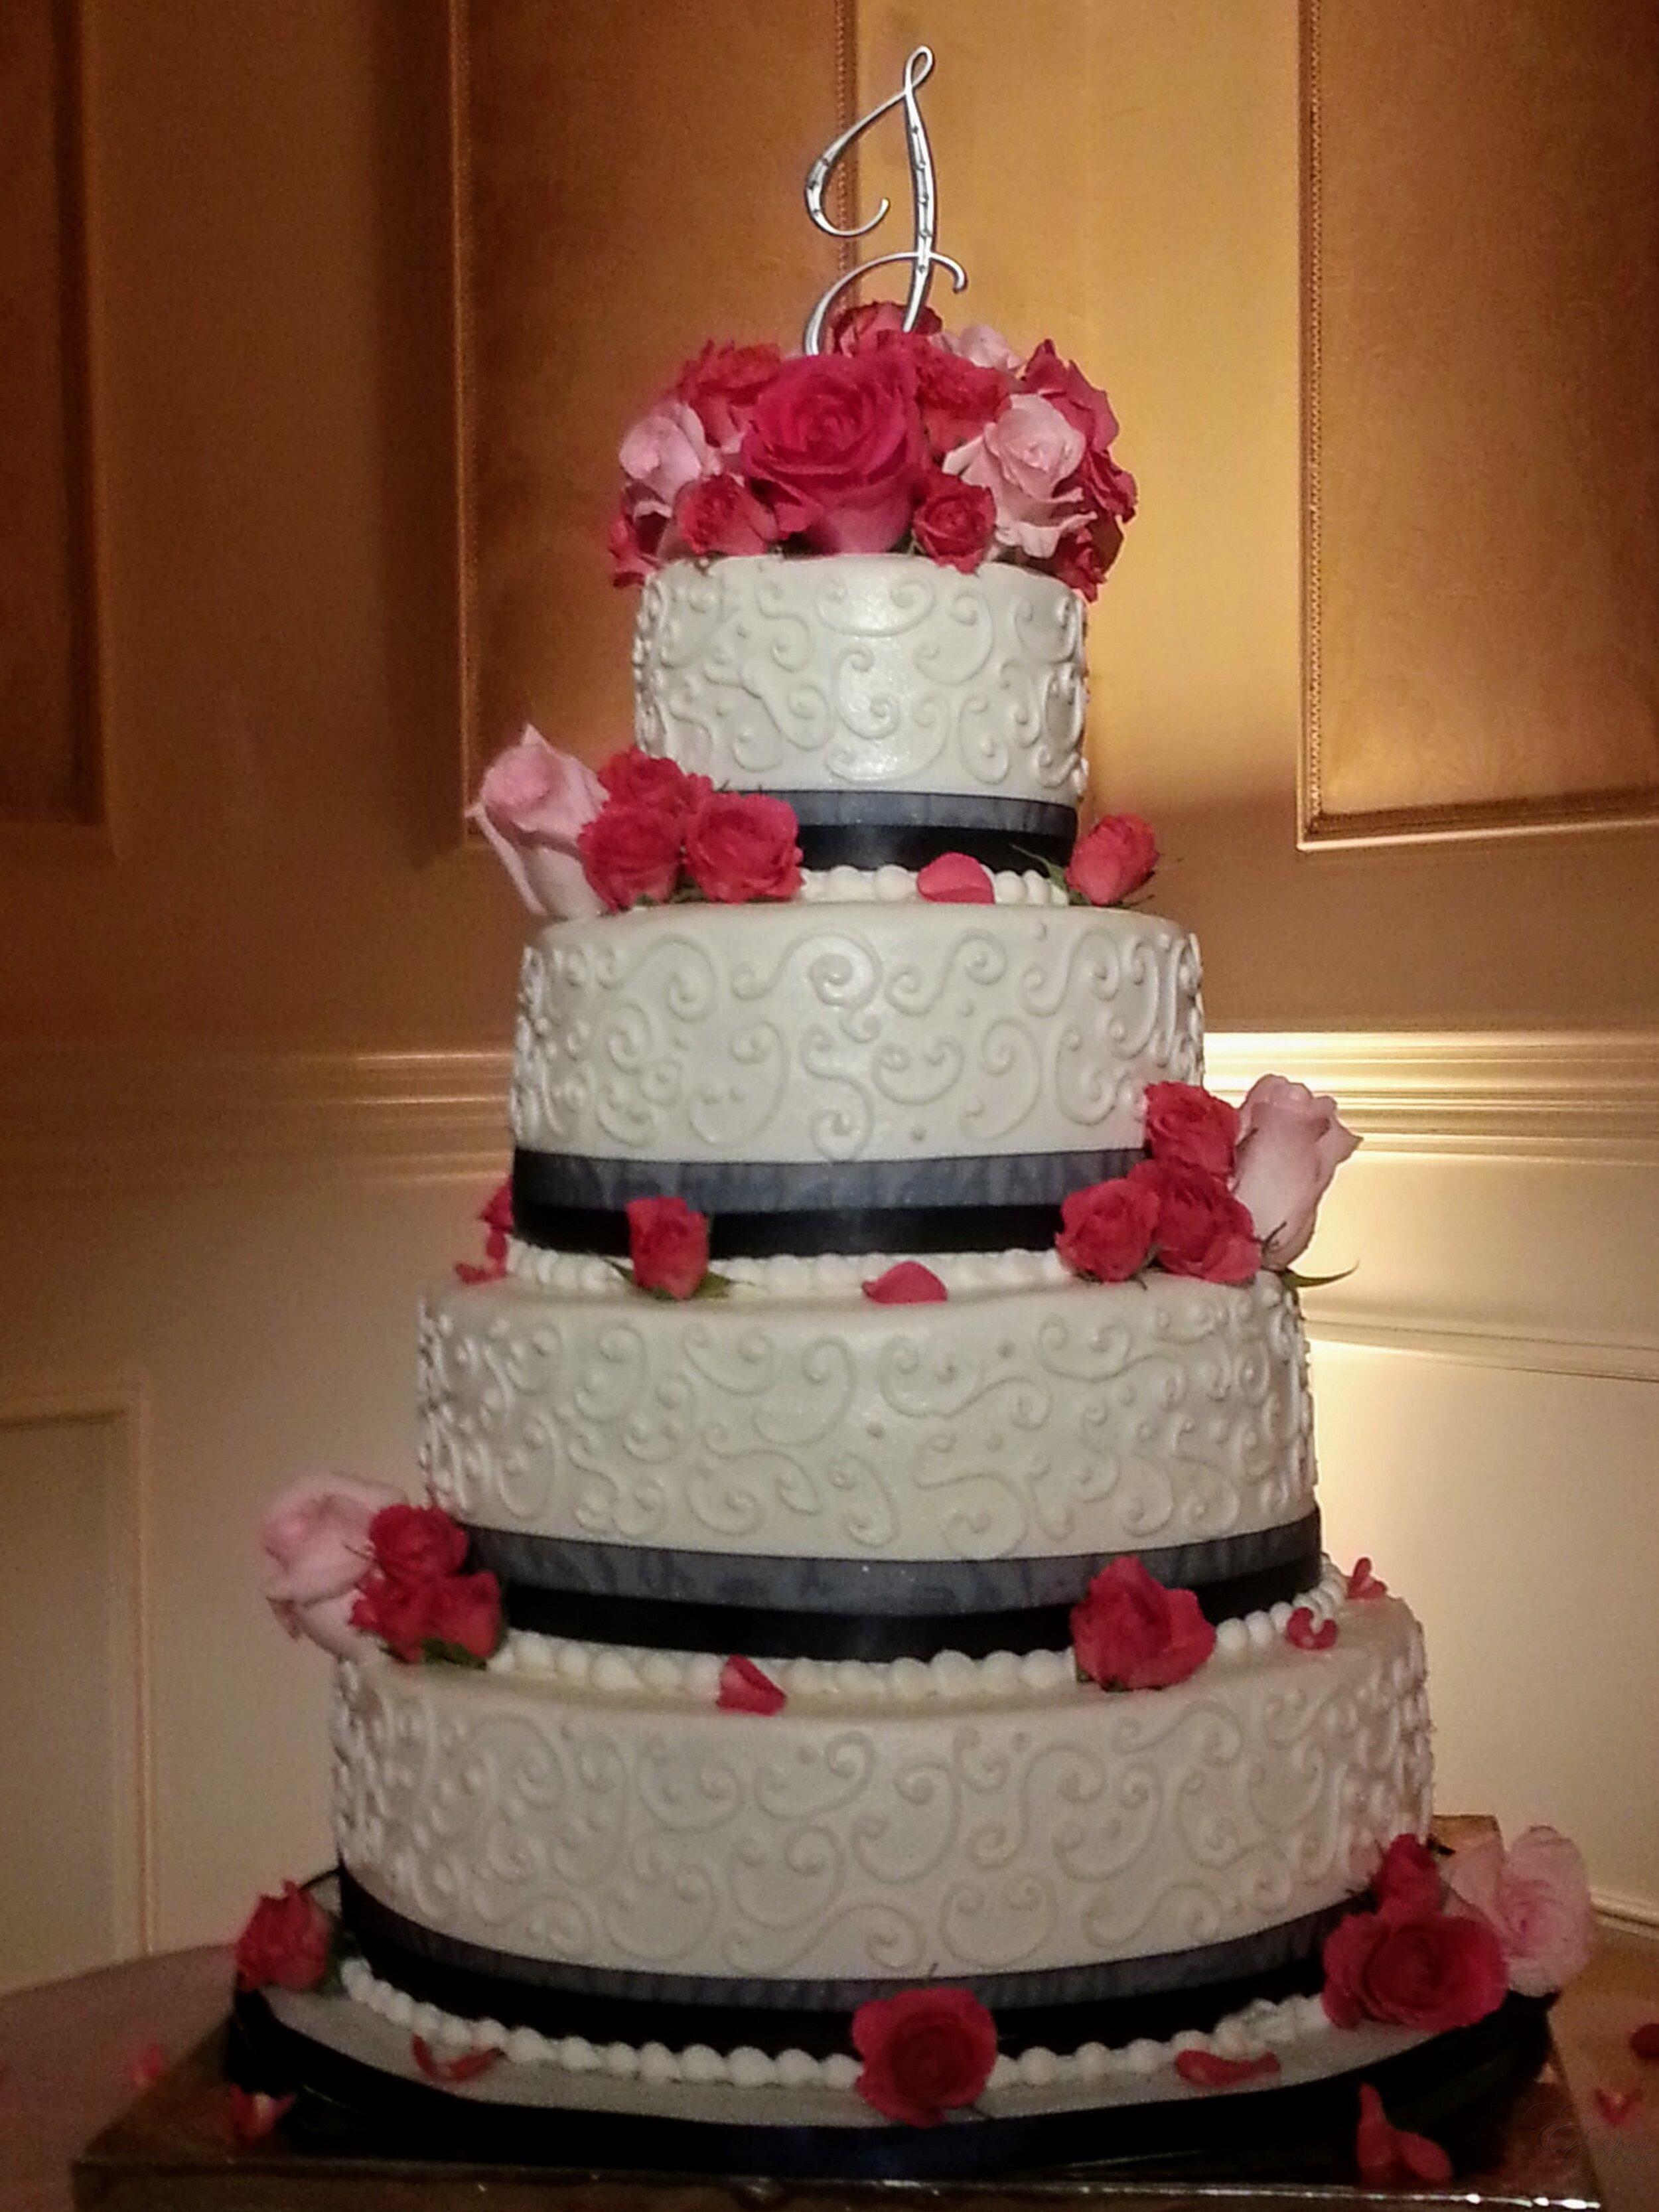 wedding_cakes_E_and_E_Special_Events_virginia_beach_16.jpg